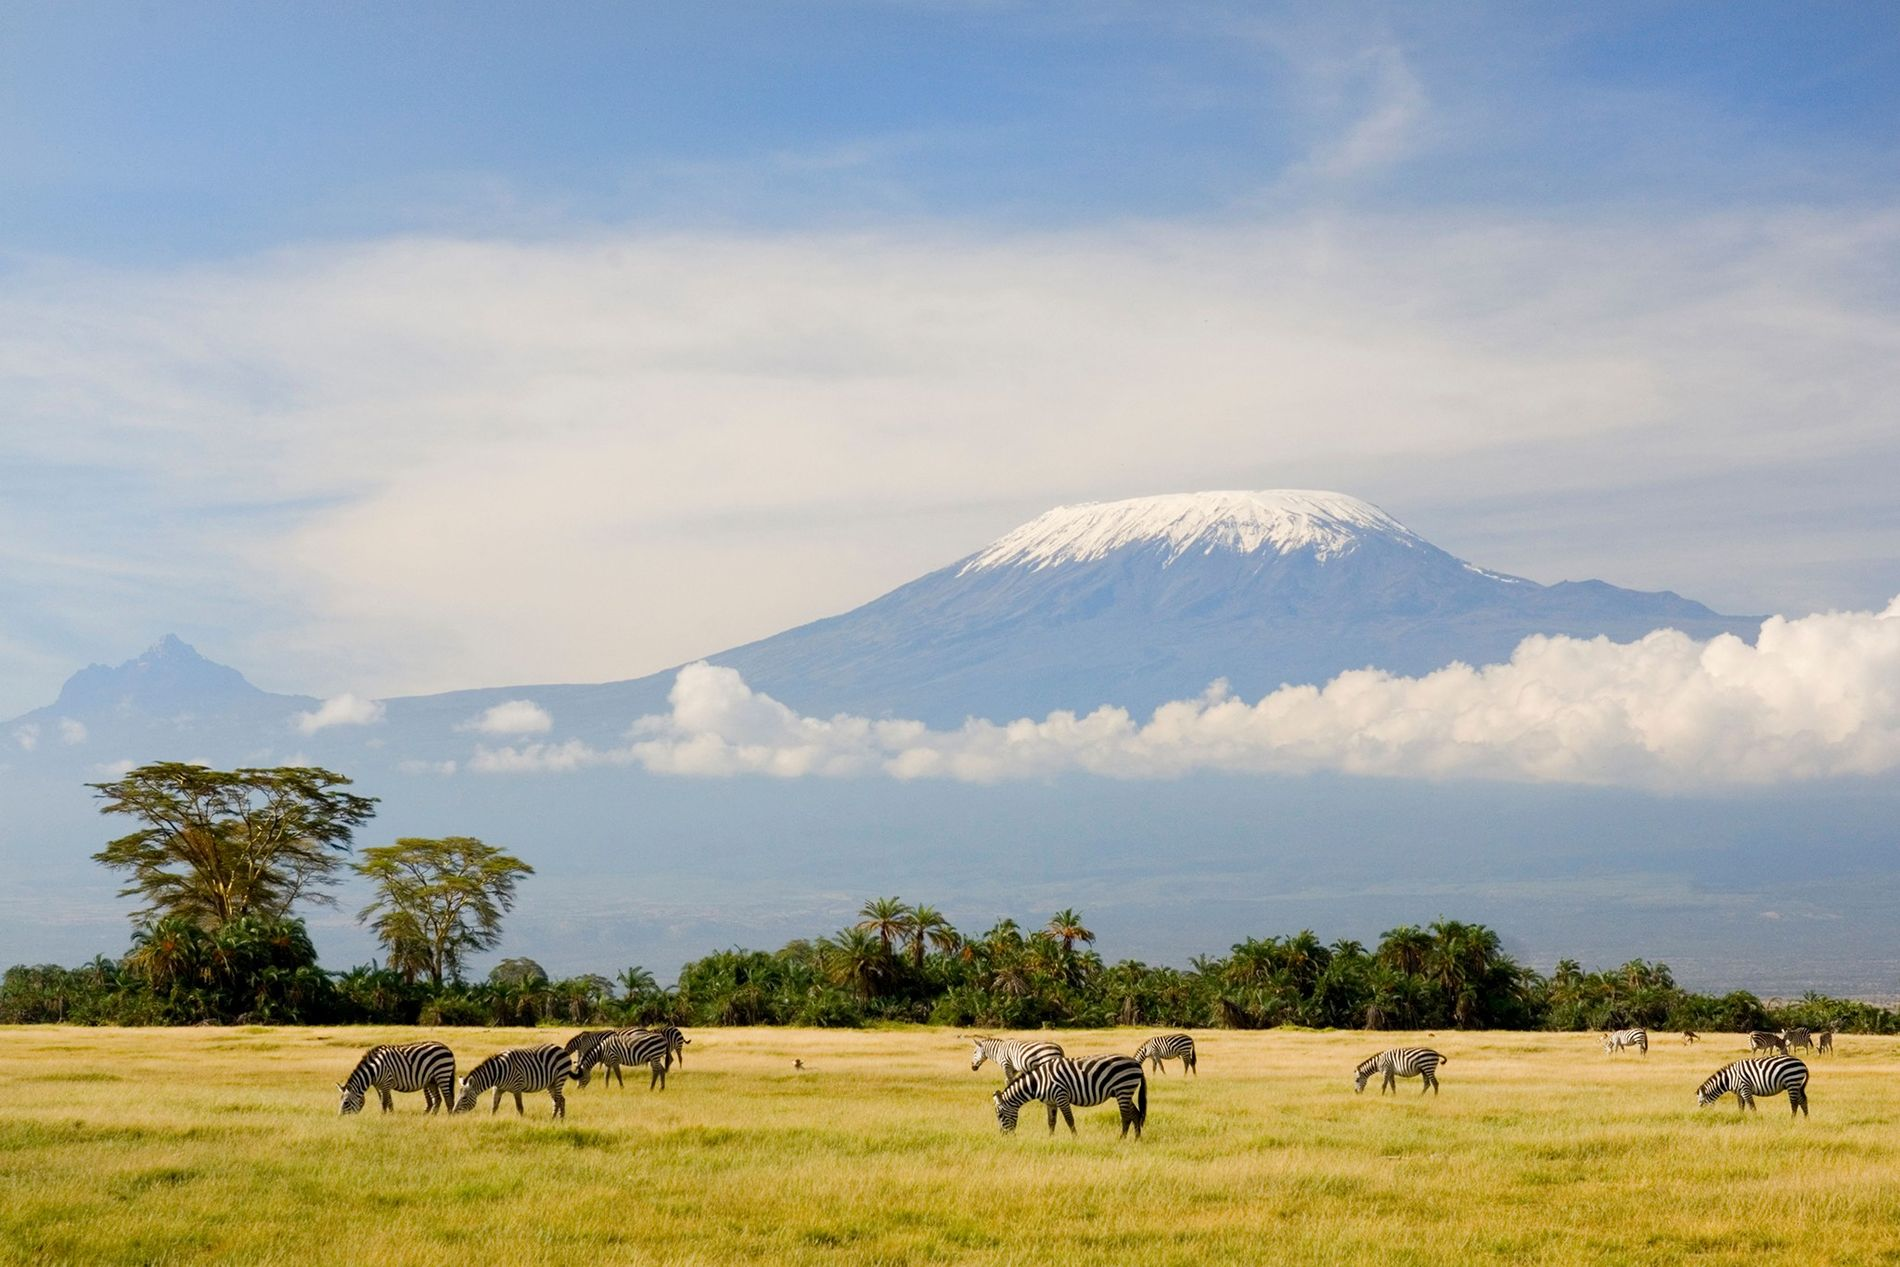 Sous le sommet de la plus haute montagne d'Afrique, le Kilimandjaro, des zèbres se nourrissent d'herbe. Ce pic impressionnant peut être atteint par la plupart des grimpeurs en trois à cinq jours.